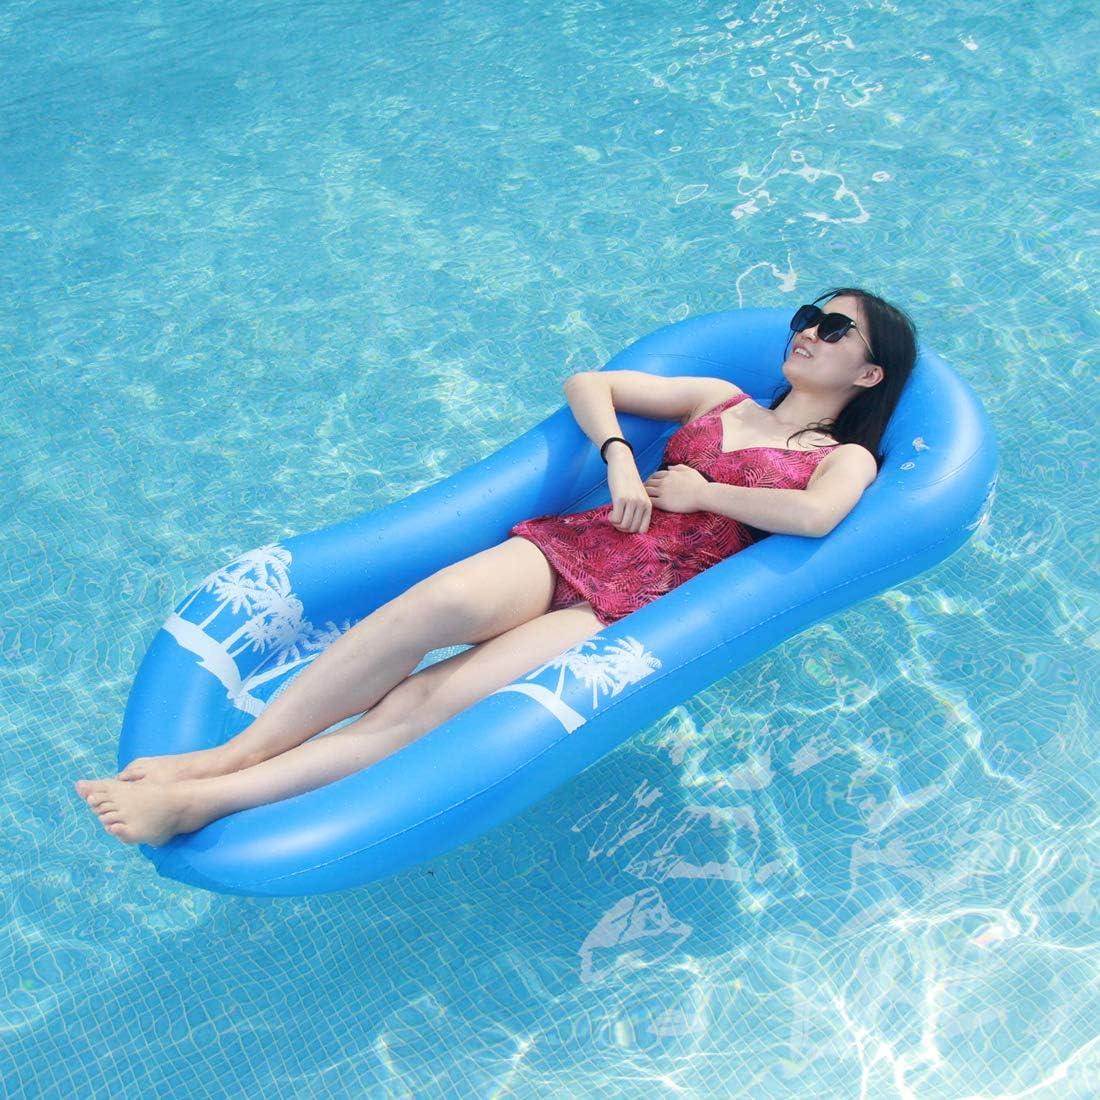 Myir Hamaca Flotante para Piscina, Cama de Agua Flotador de Malla Tumbona Inflable del Agua Hinchable Colchón de Aire Adultos (Hamaca Flotante Azul)